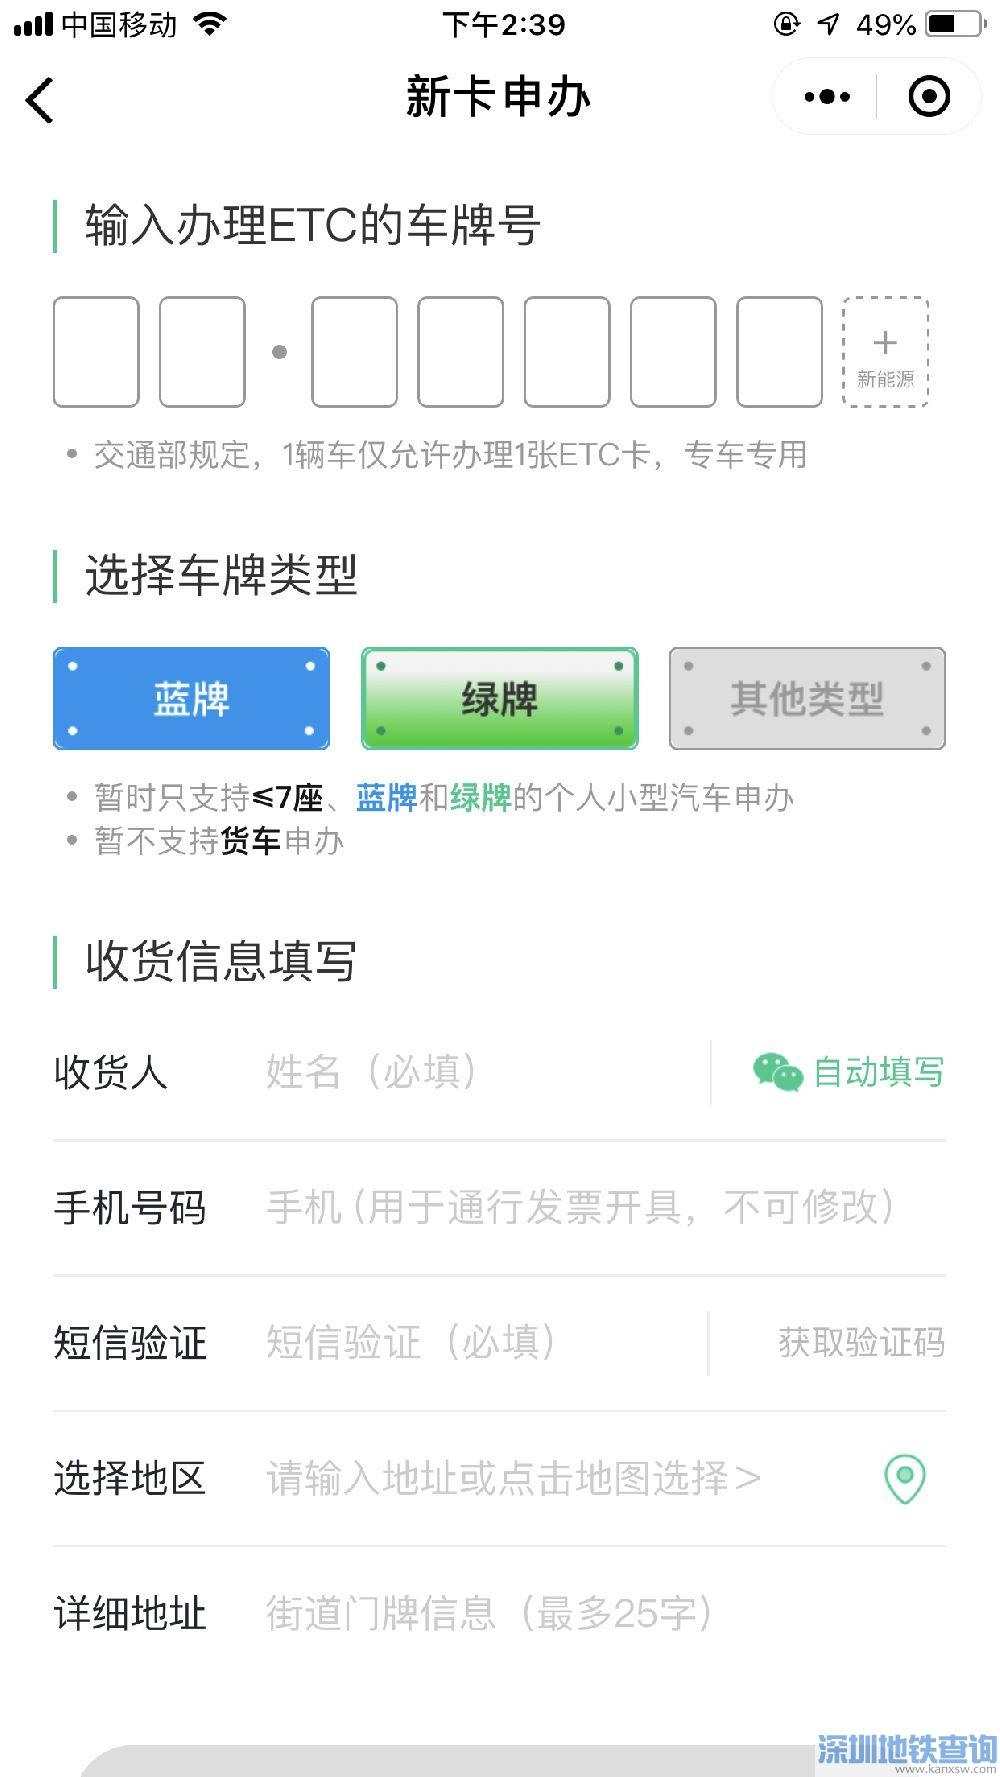 微信免费办理ETC流程(入口+收费标准)